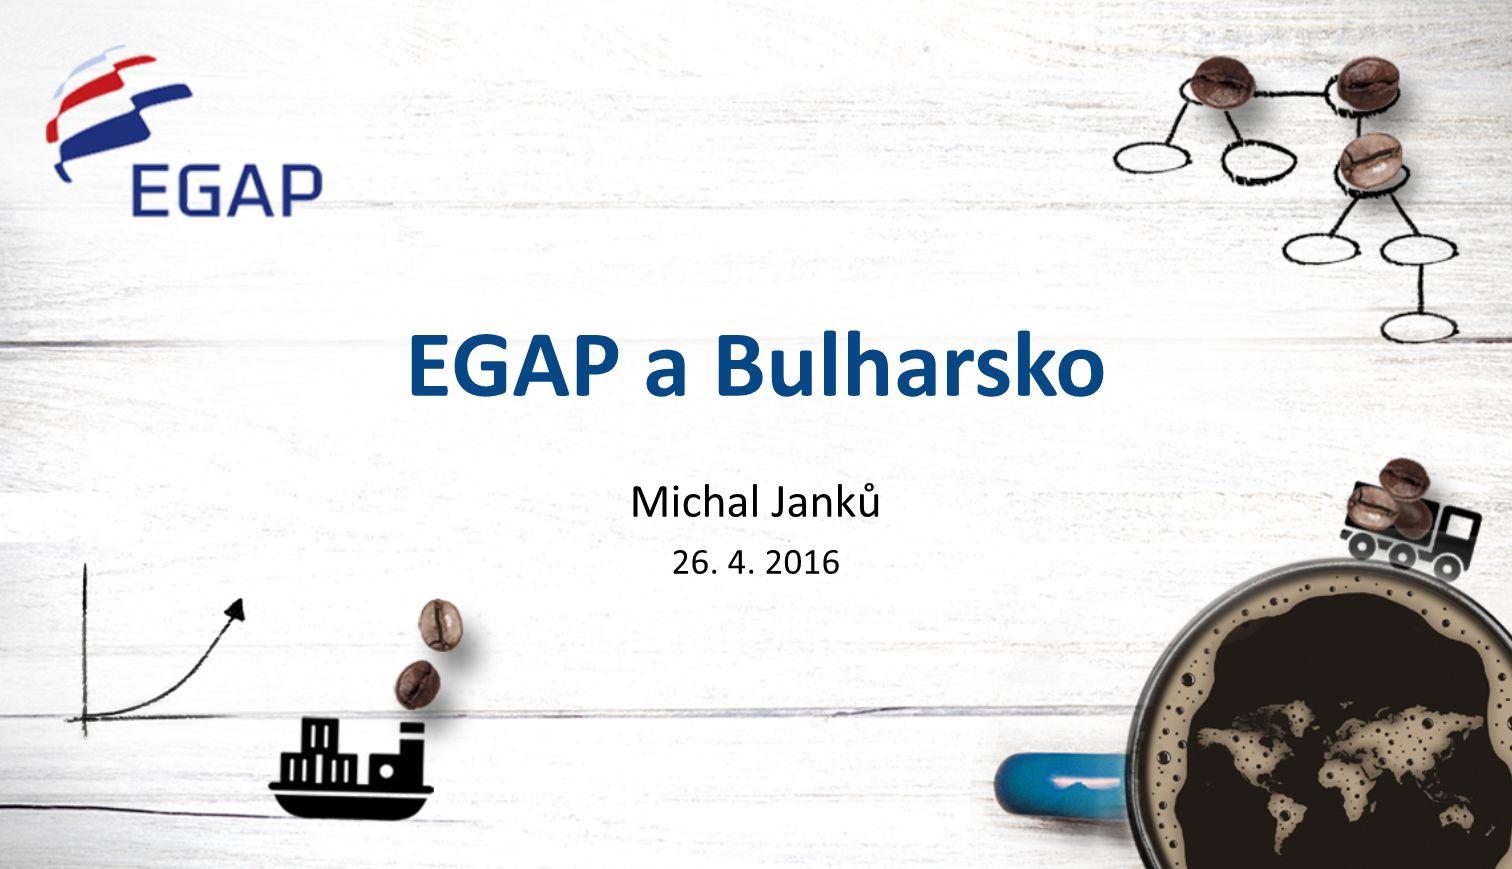 EGAP a Bulharsko Michal Janků 26. 4. 2016